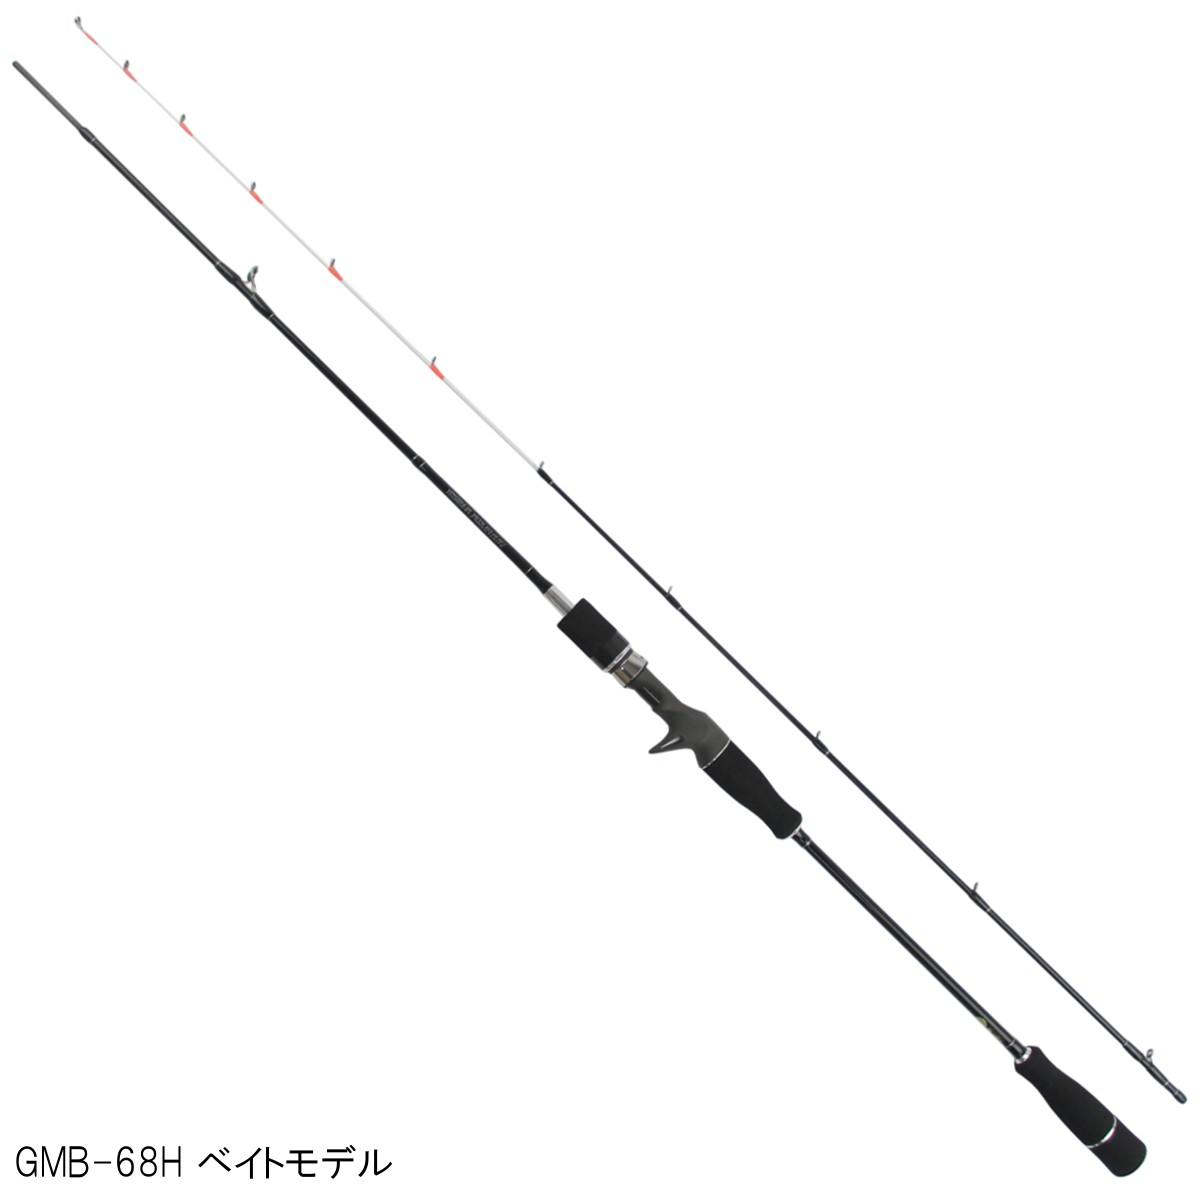 ギガメタル GMB-68H ベイトモデル【送料無料】